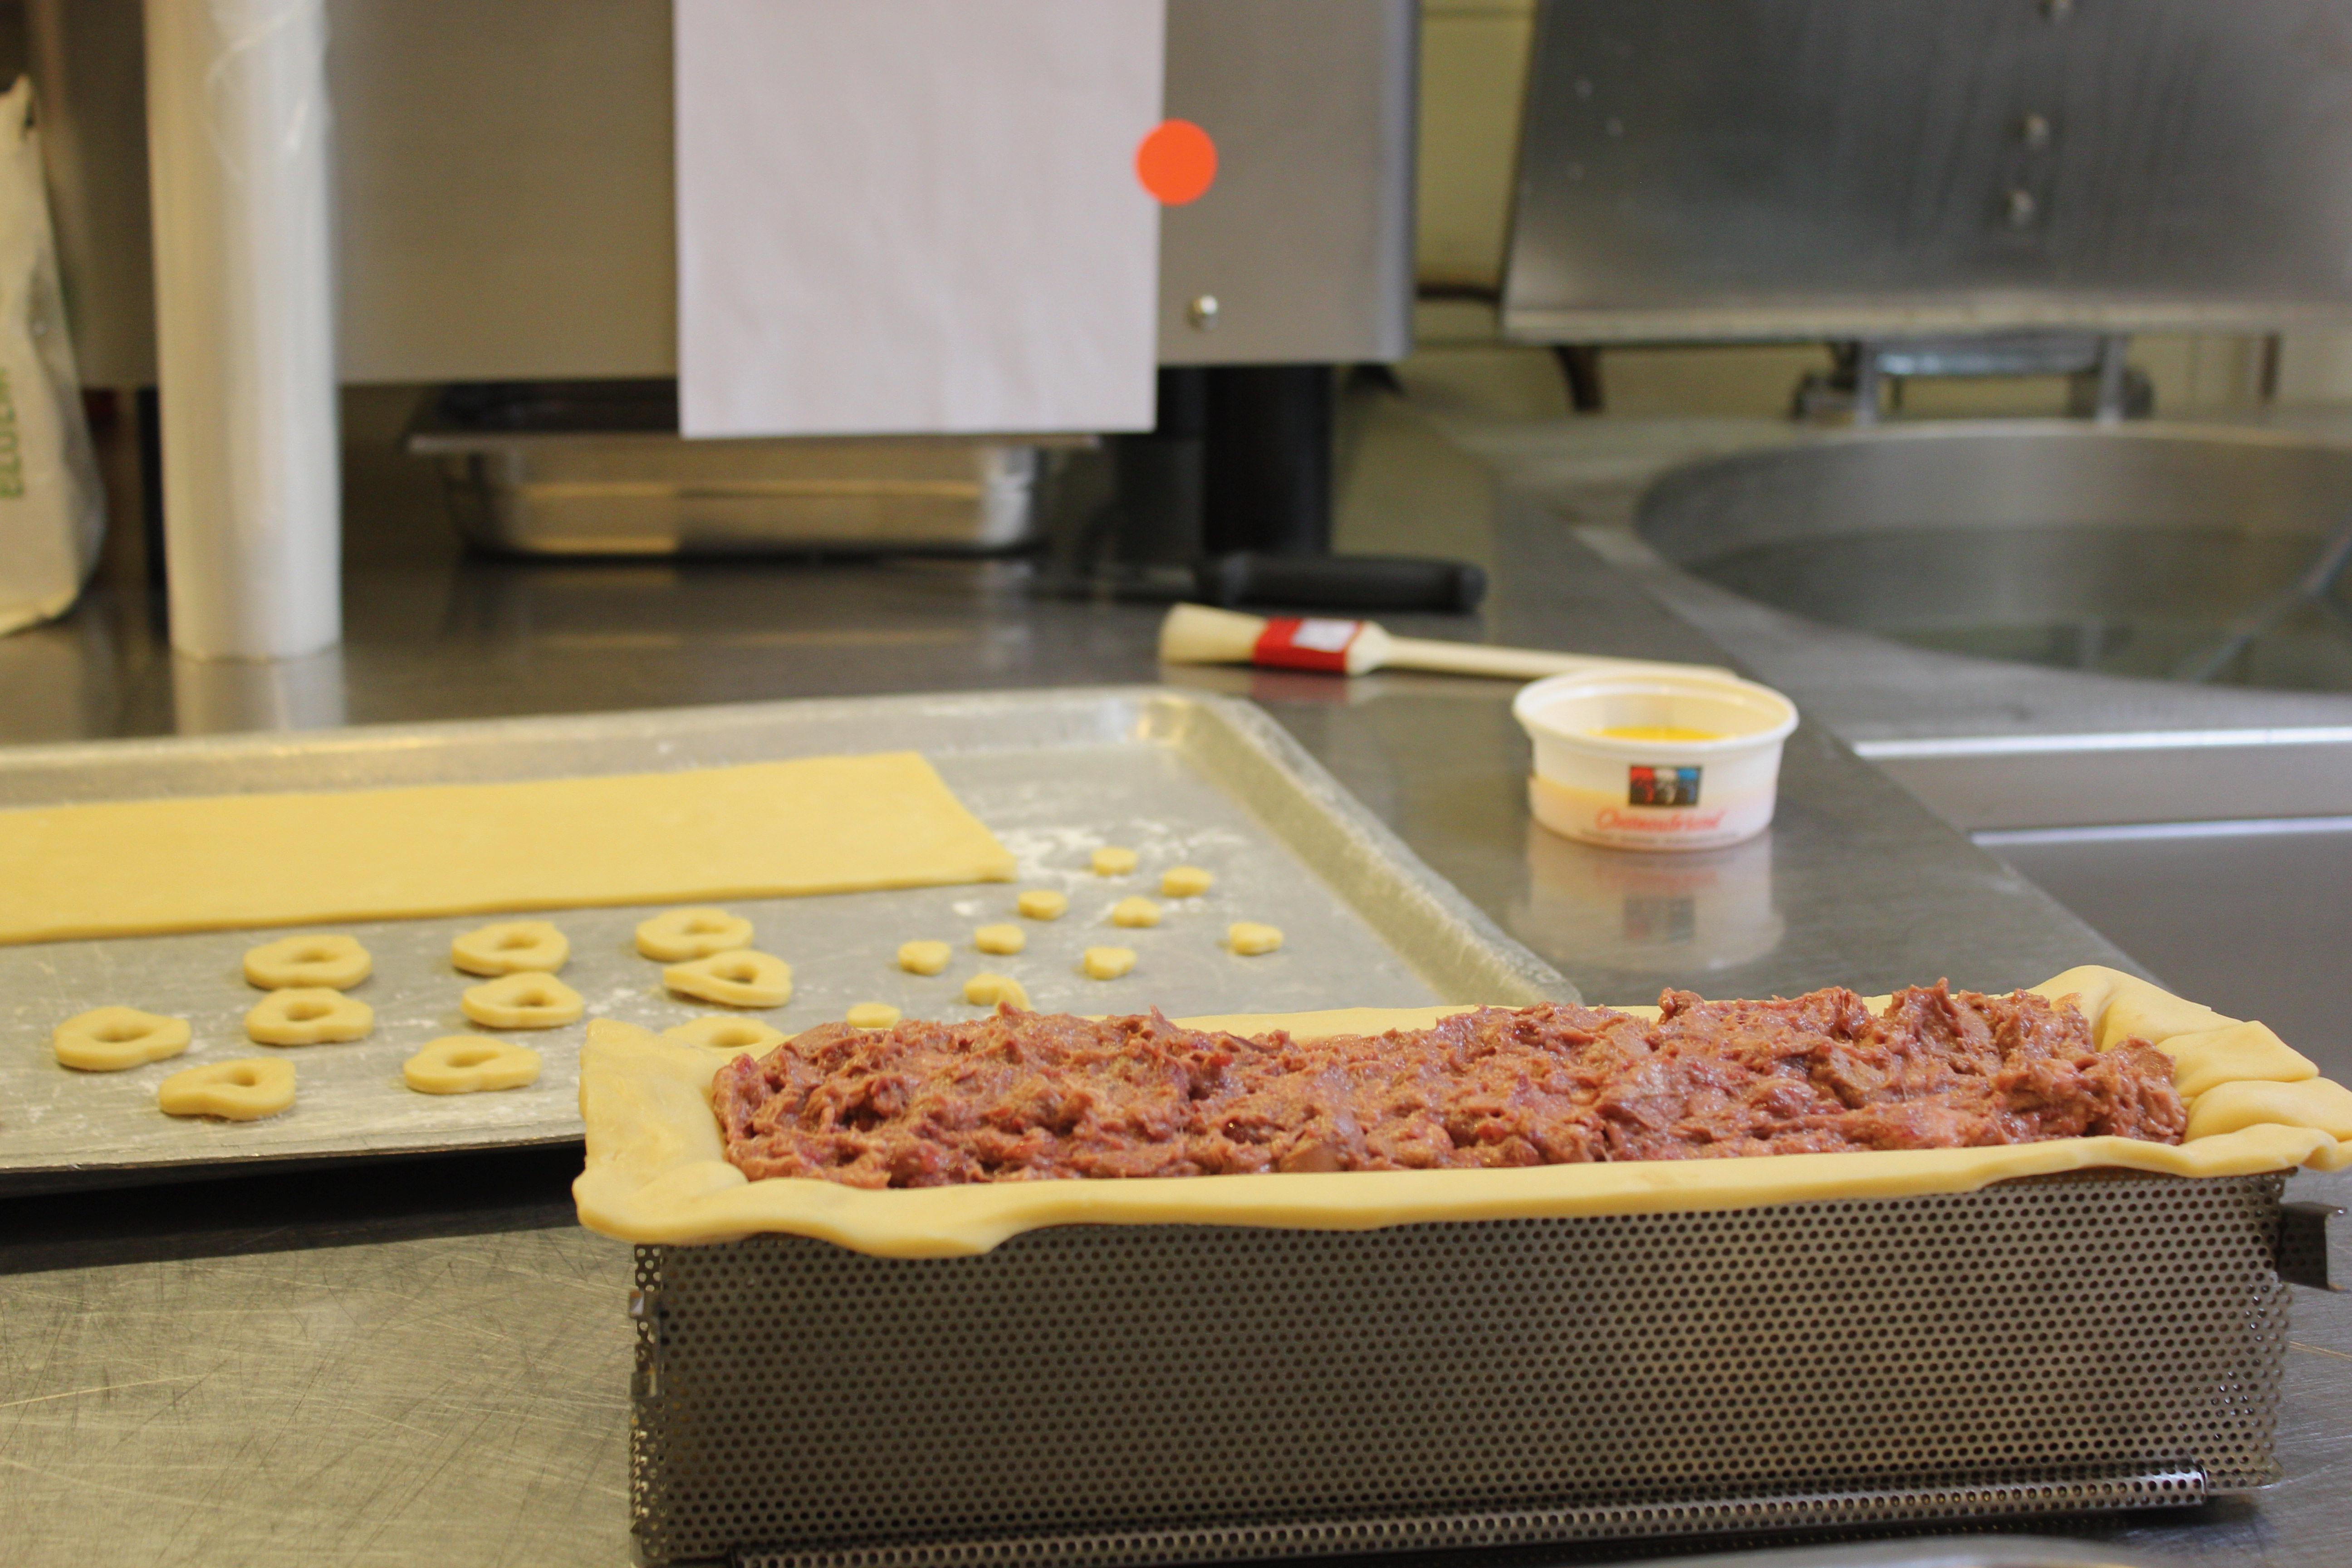 master butcher johan van uden &quot;width =&quot; 5184 &quot;height = &quot;3456&quot; /&gt; </figure> <p> With admiration we watch Johan passionately make a classic <em> paté and croûte </em> and <em> jambon persillé </em>. </p> <figure class=